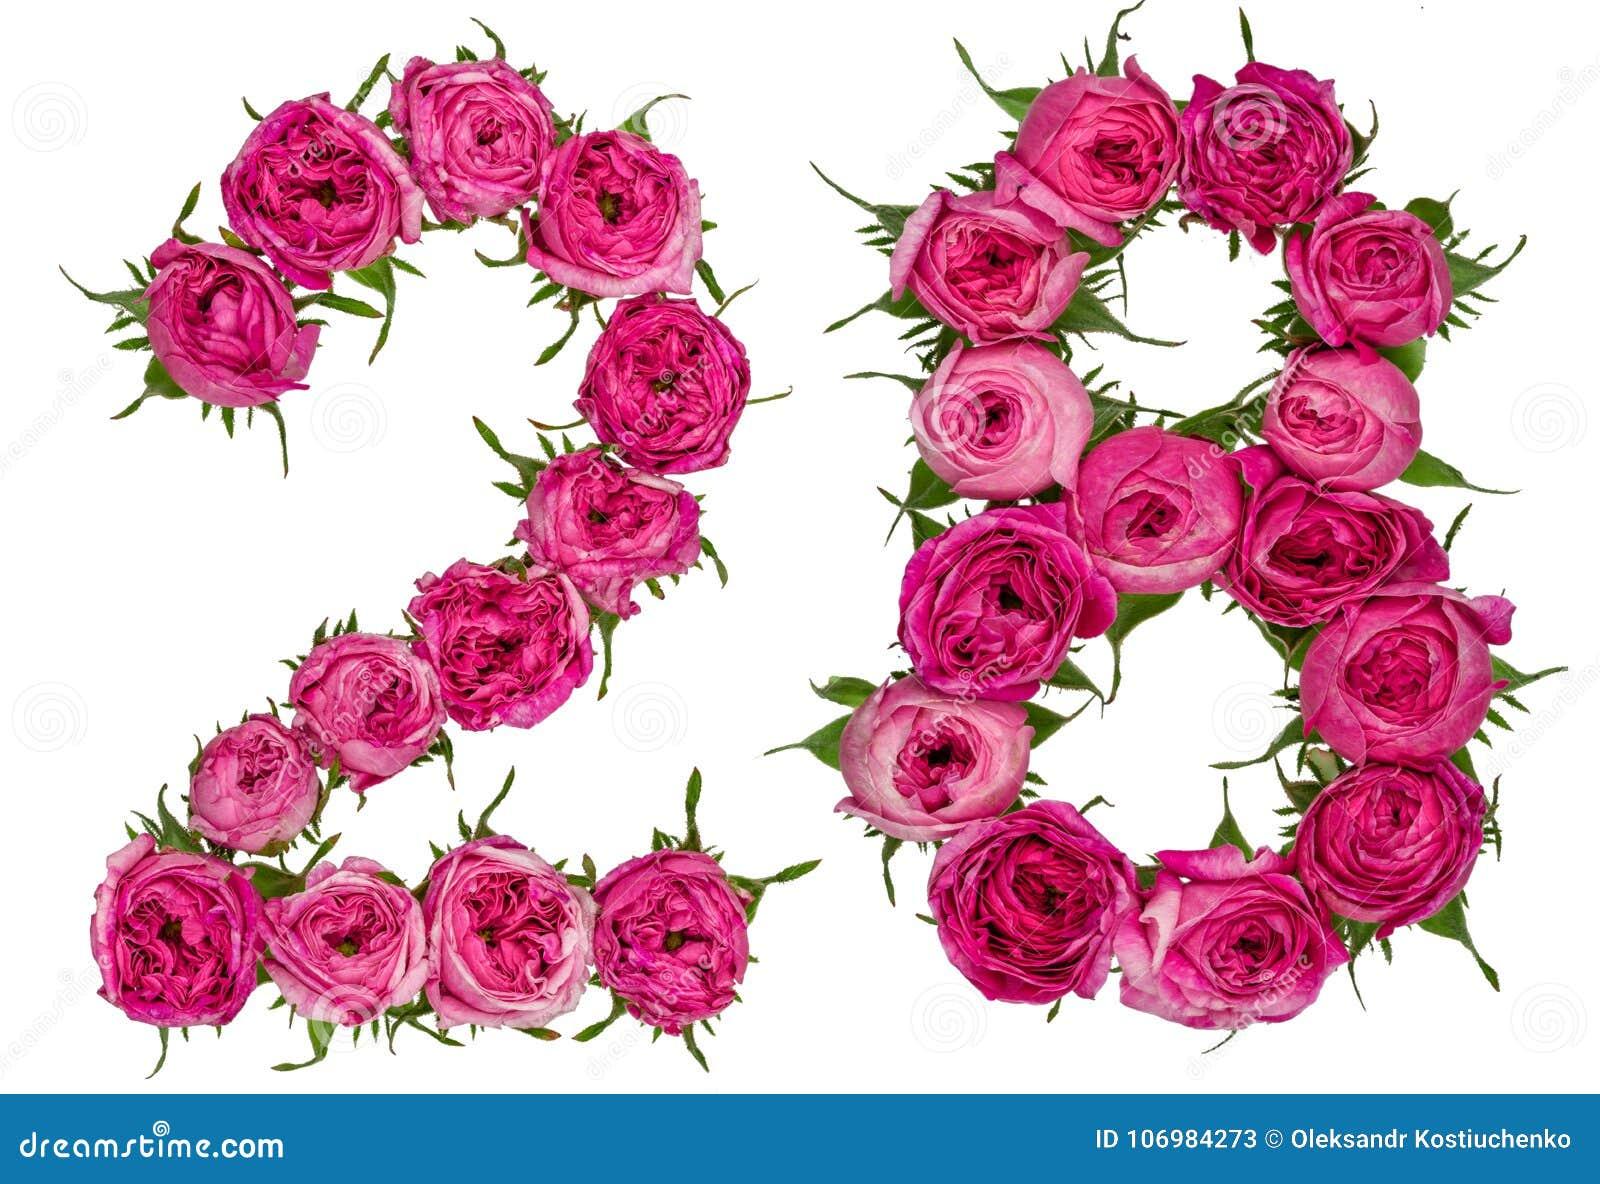 arabic-numeral-twenty-eight-red-flowers-